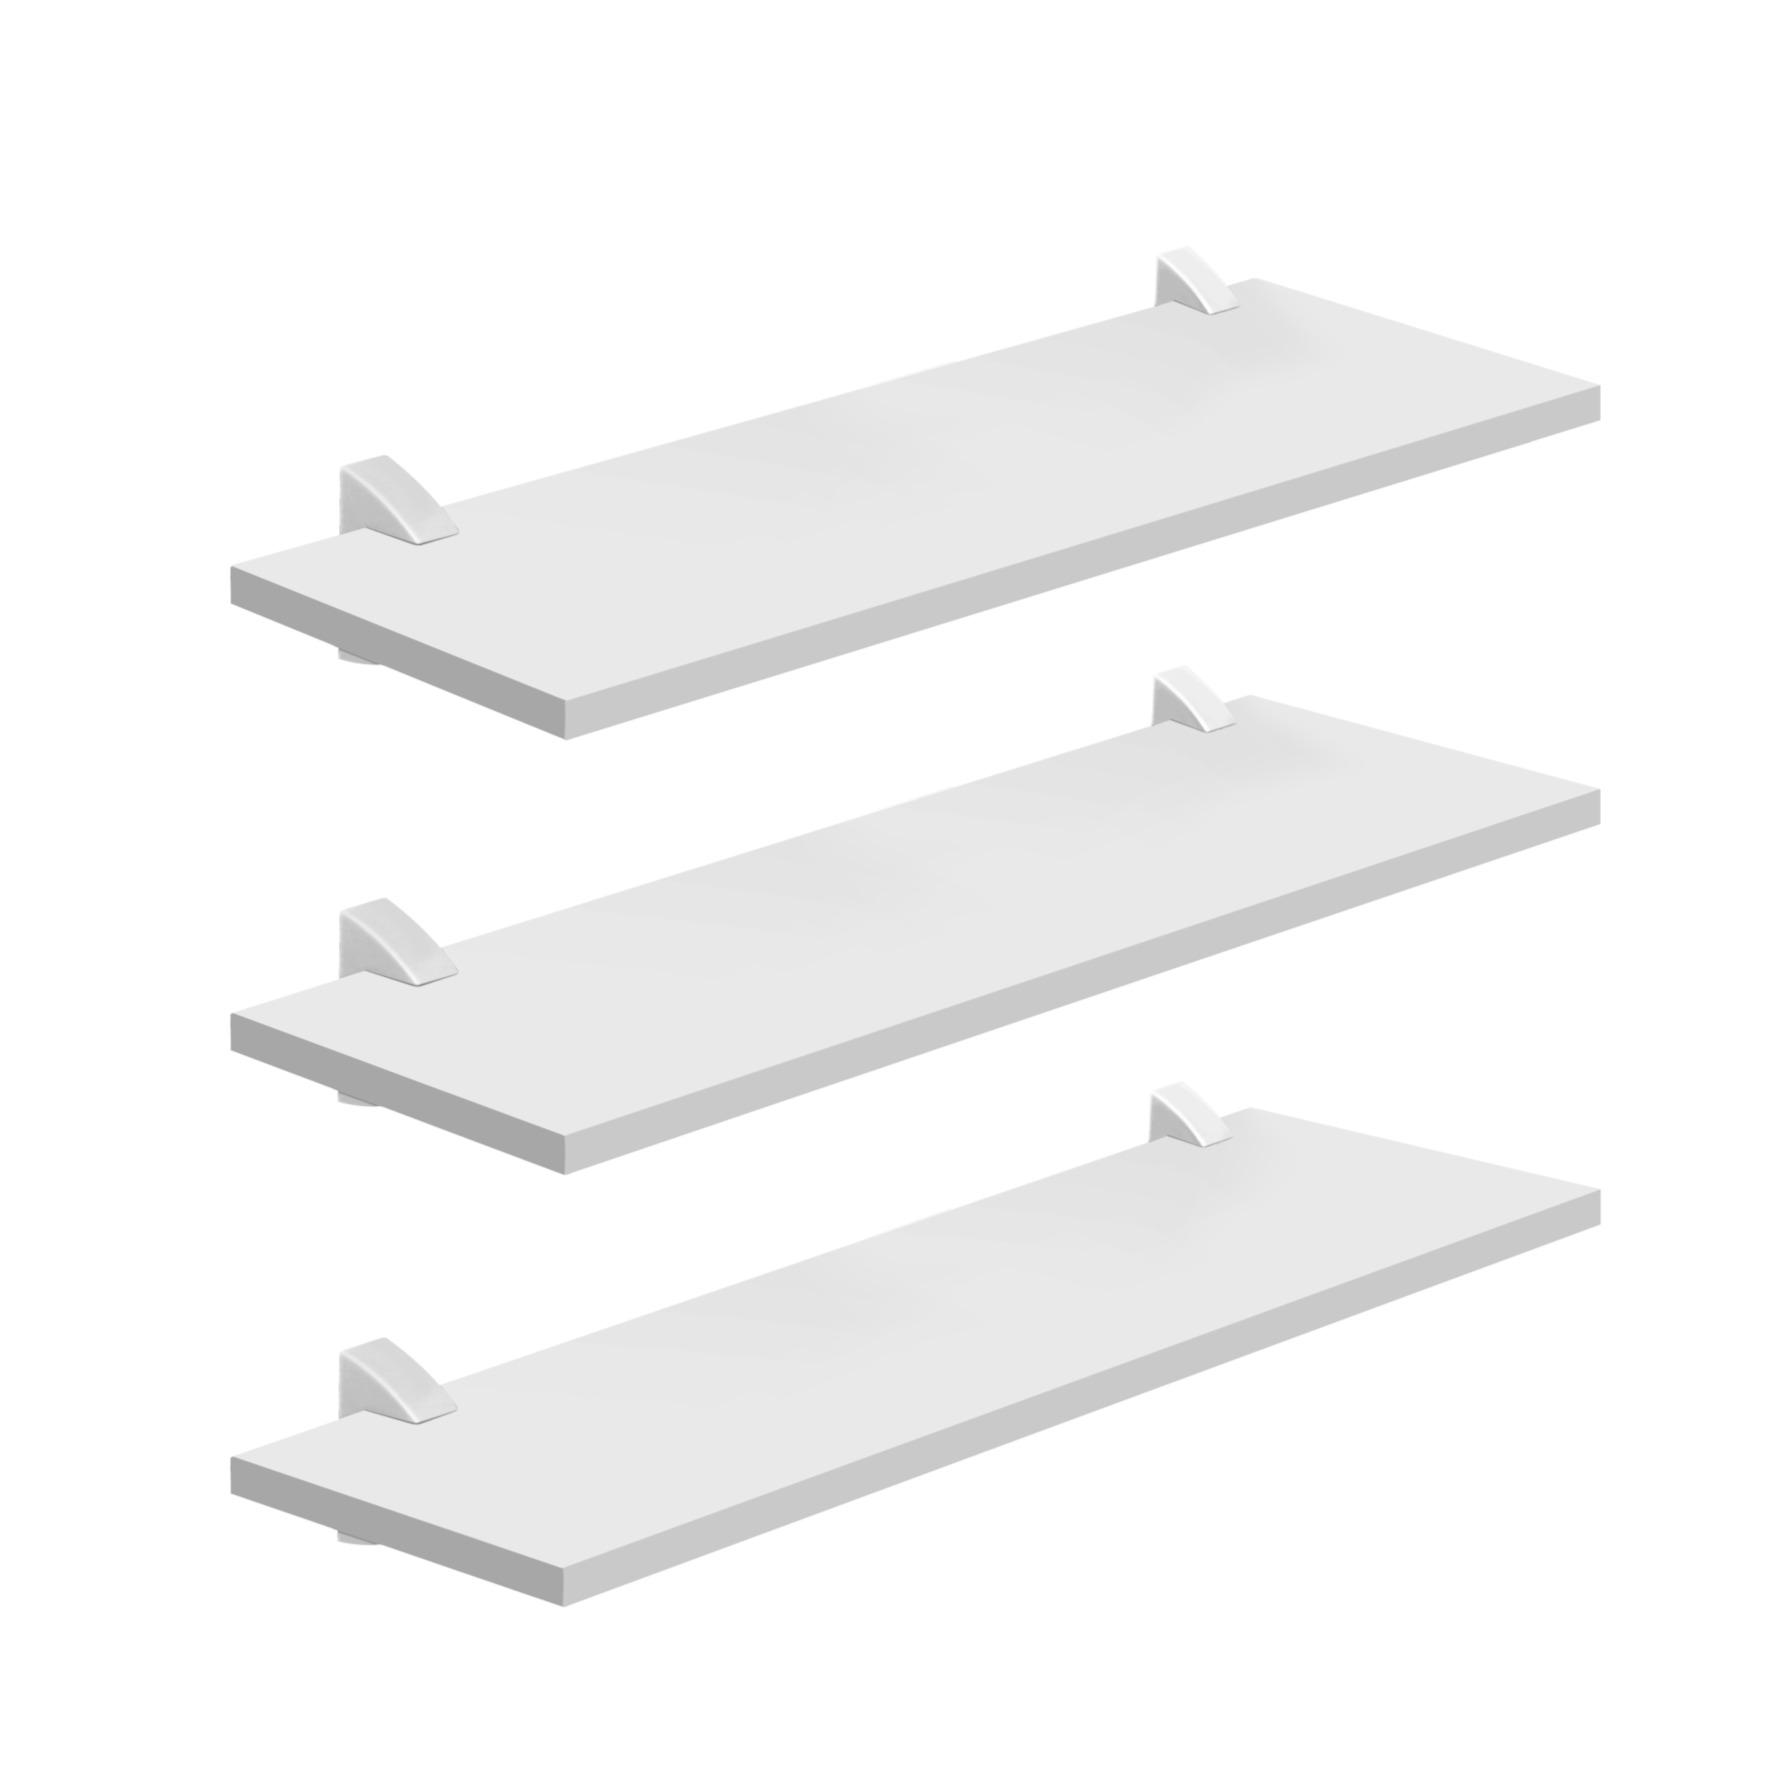 Kit de Prateleiras MDP 3 Pecas com Suporte 60x20cm Branco Concept - Prat-k